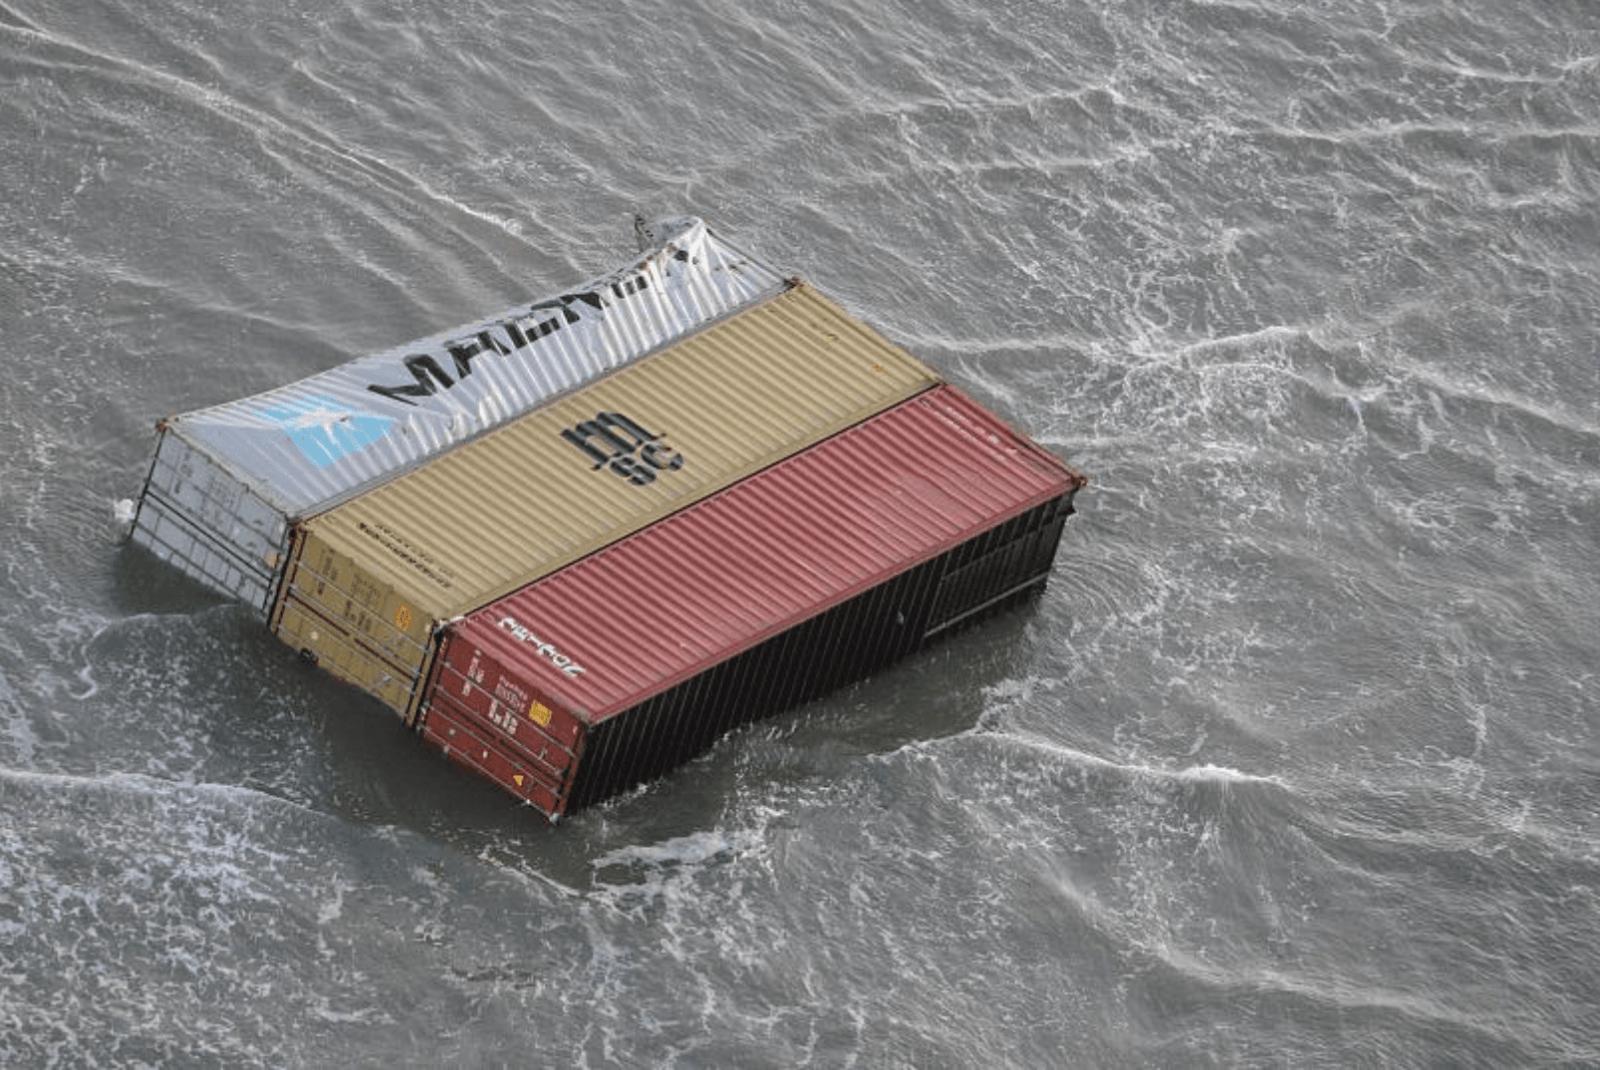 haberler - Ekran Resmi 2019 01 06 00.13.34 - Batan Geminin Malları Ganimet Sayılır mı?